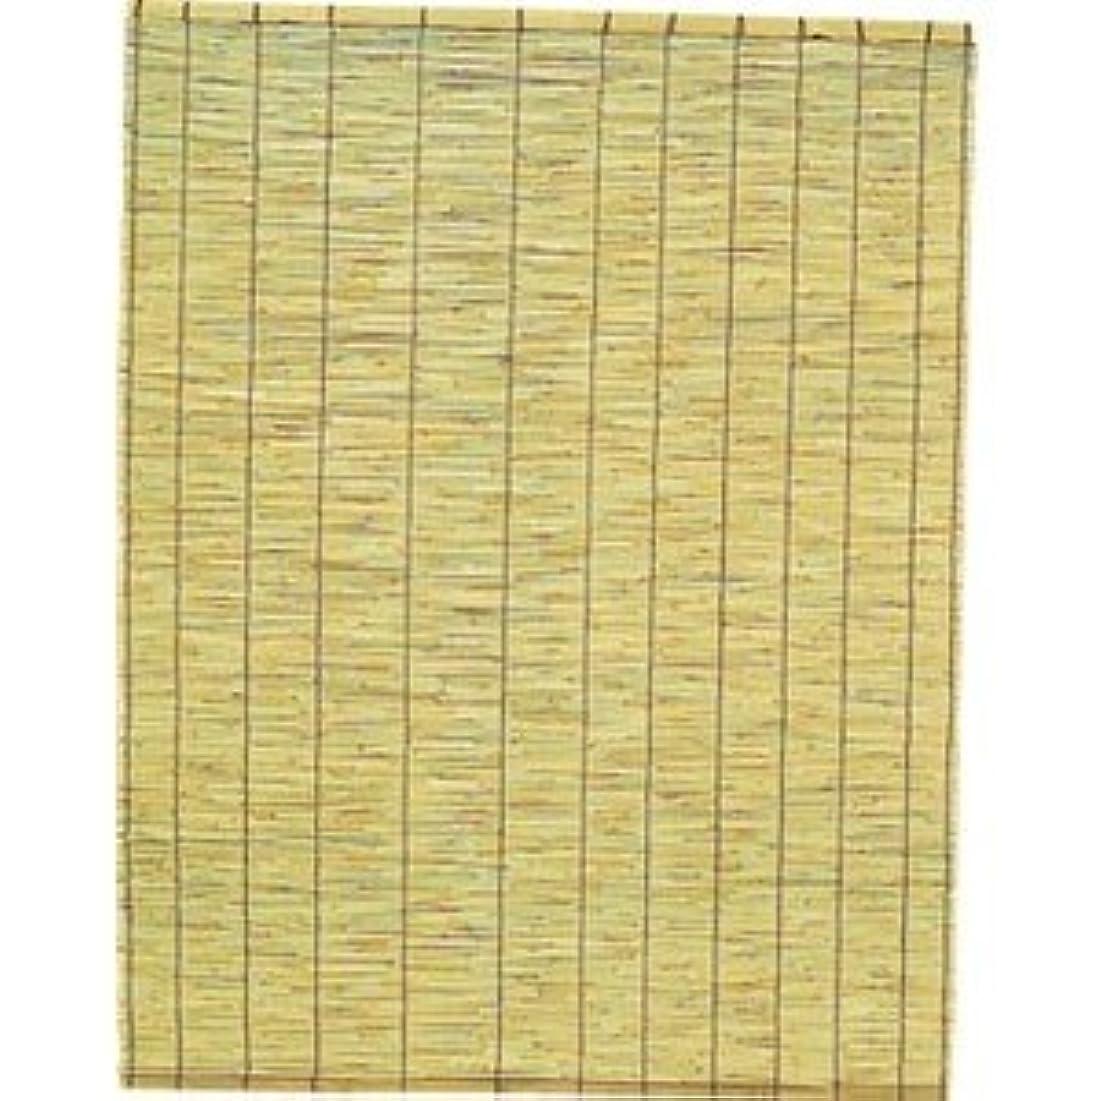 旅エゴマニアボールコーナン オリジナル 天津すだれ ワイド 特大 約幅176×180cm 特大 約幅176×180cm